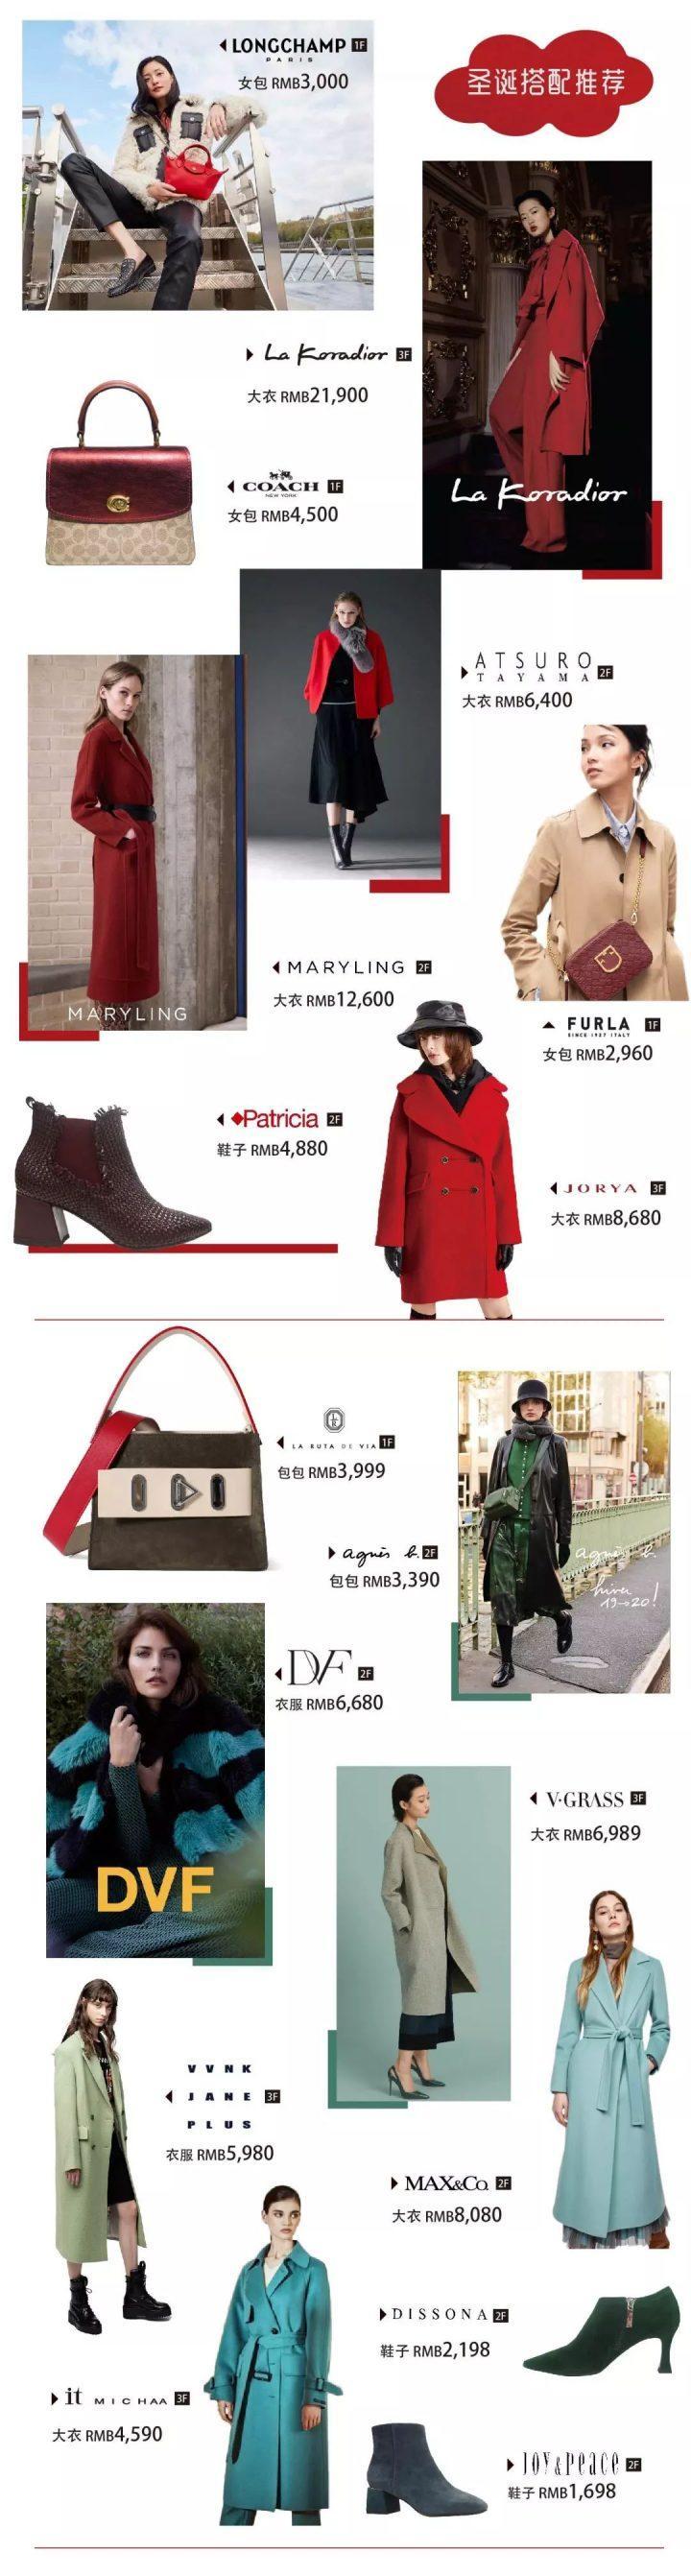 上海久光冬季女士时尚特别企划